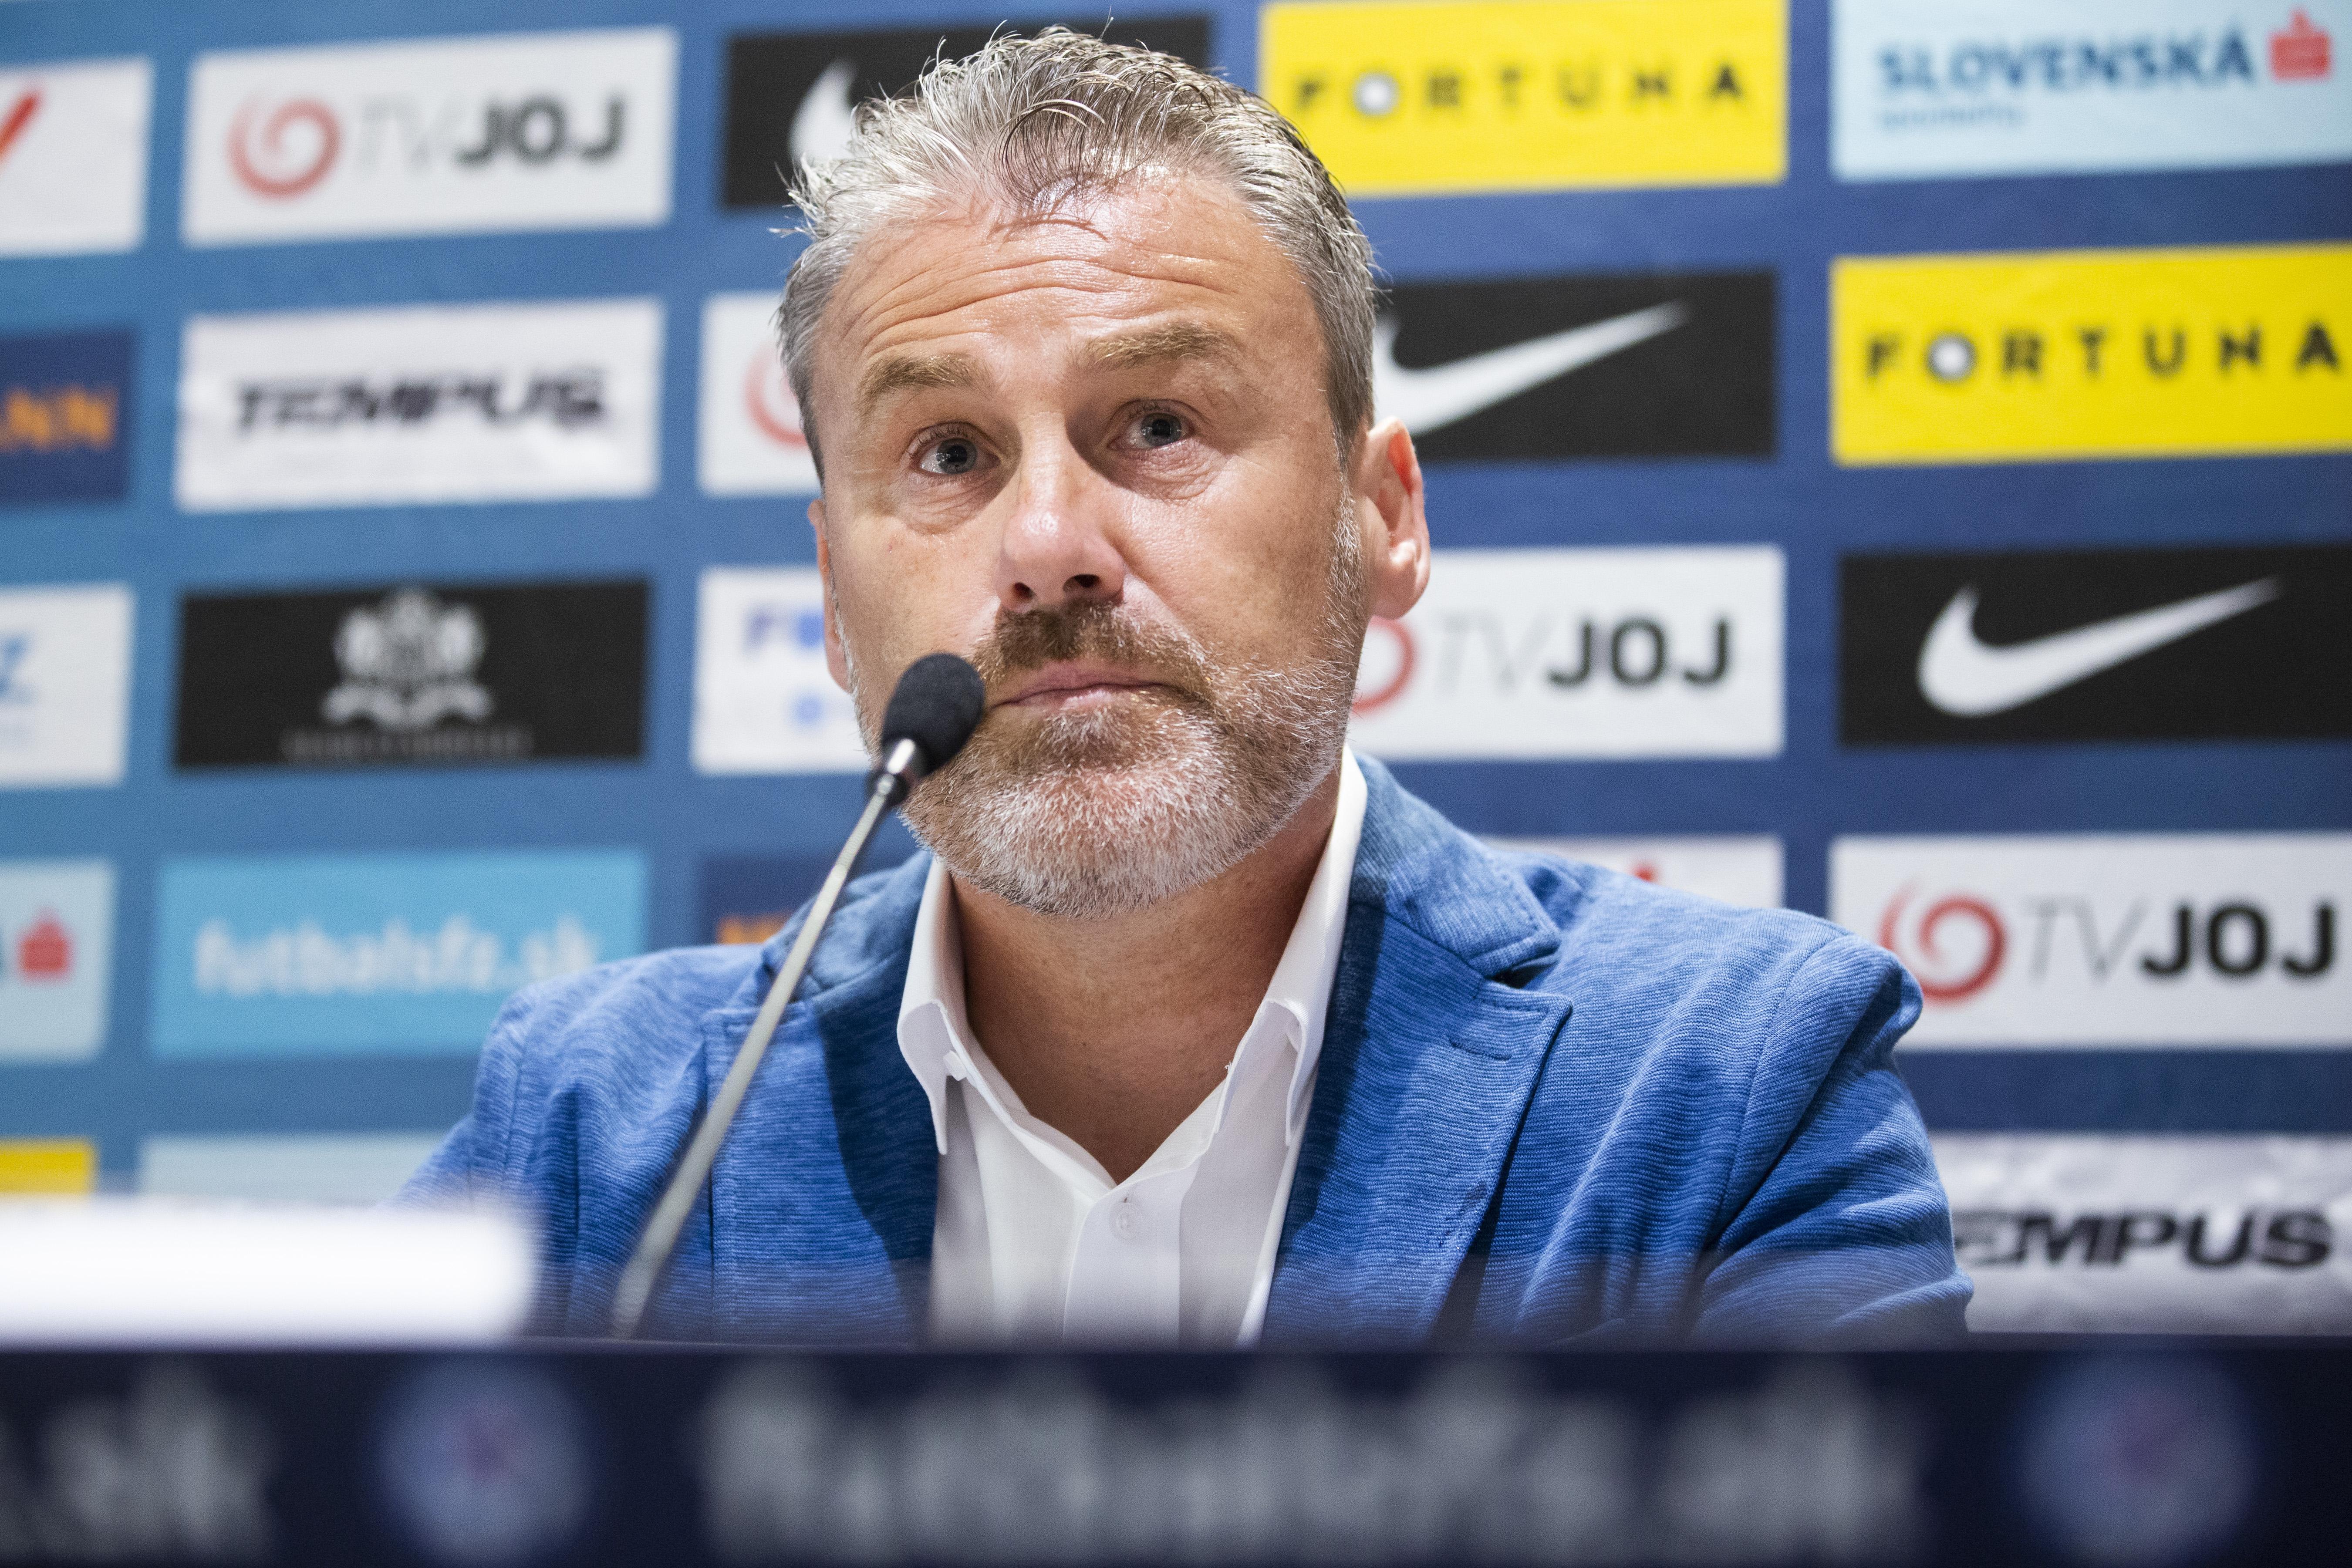 ae9cbad80 Tréner slovenskej futbalovej reprezentácie Pavel Hapal nominoval 29 hráčov  na medzištátny prípravný zápas proti Jordánsku (7. júna v Trnave) a duel ...